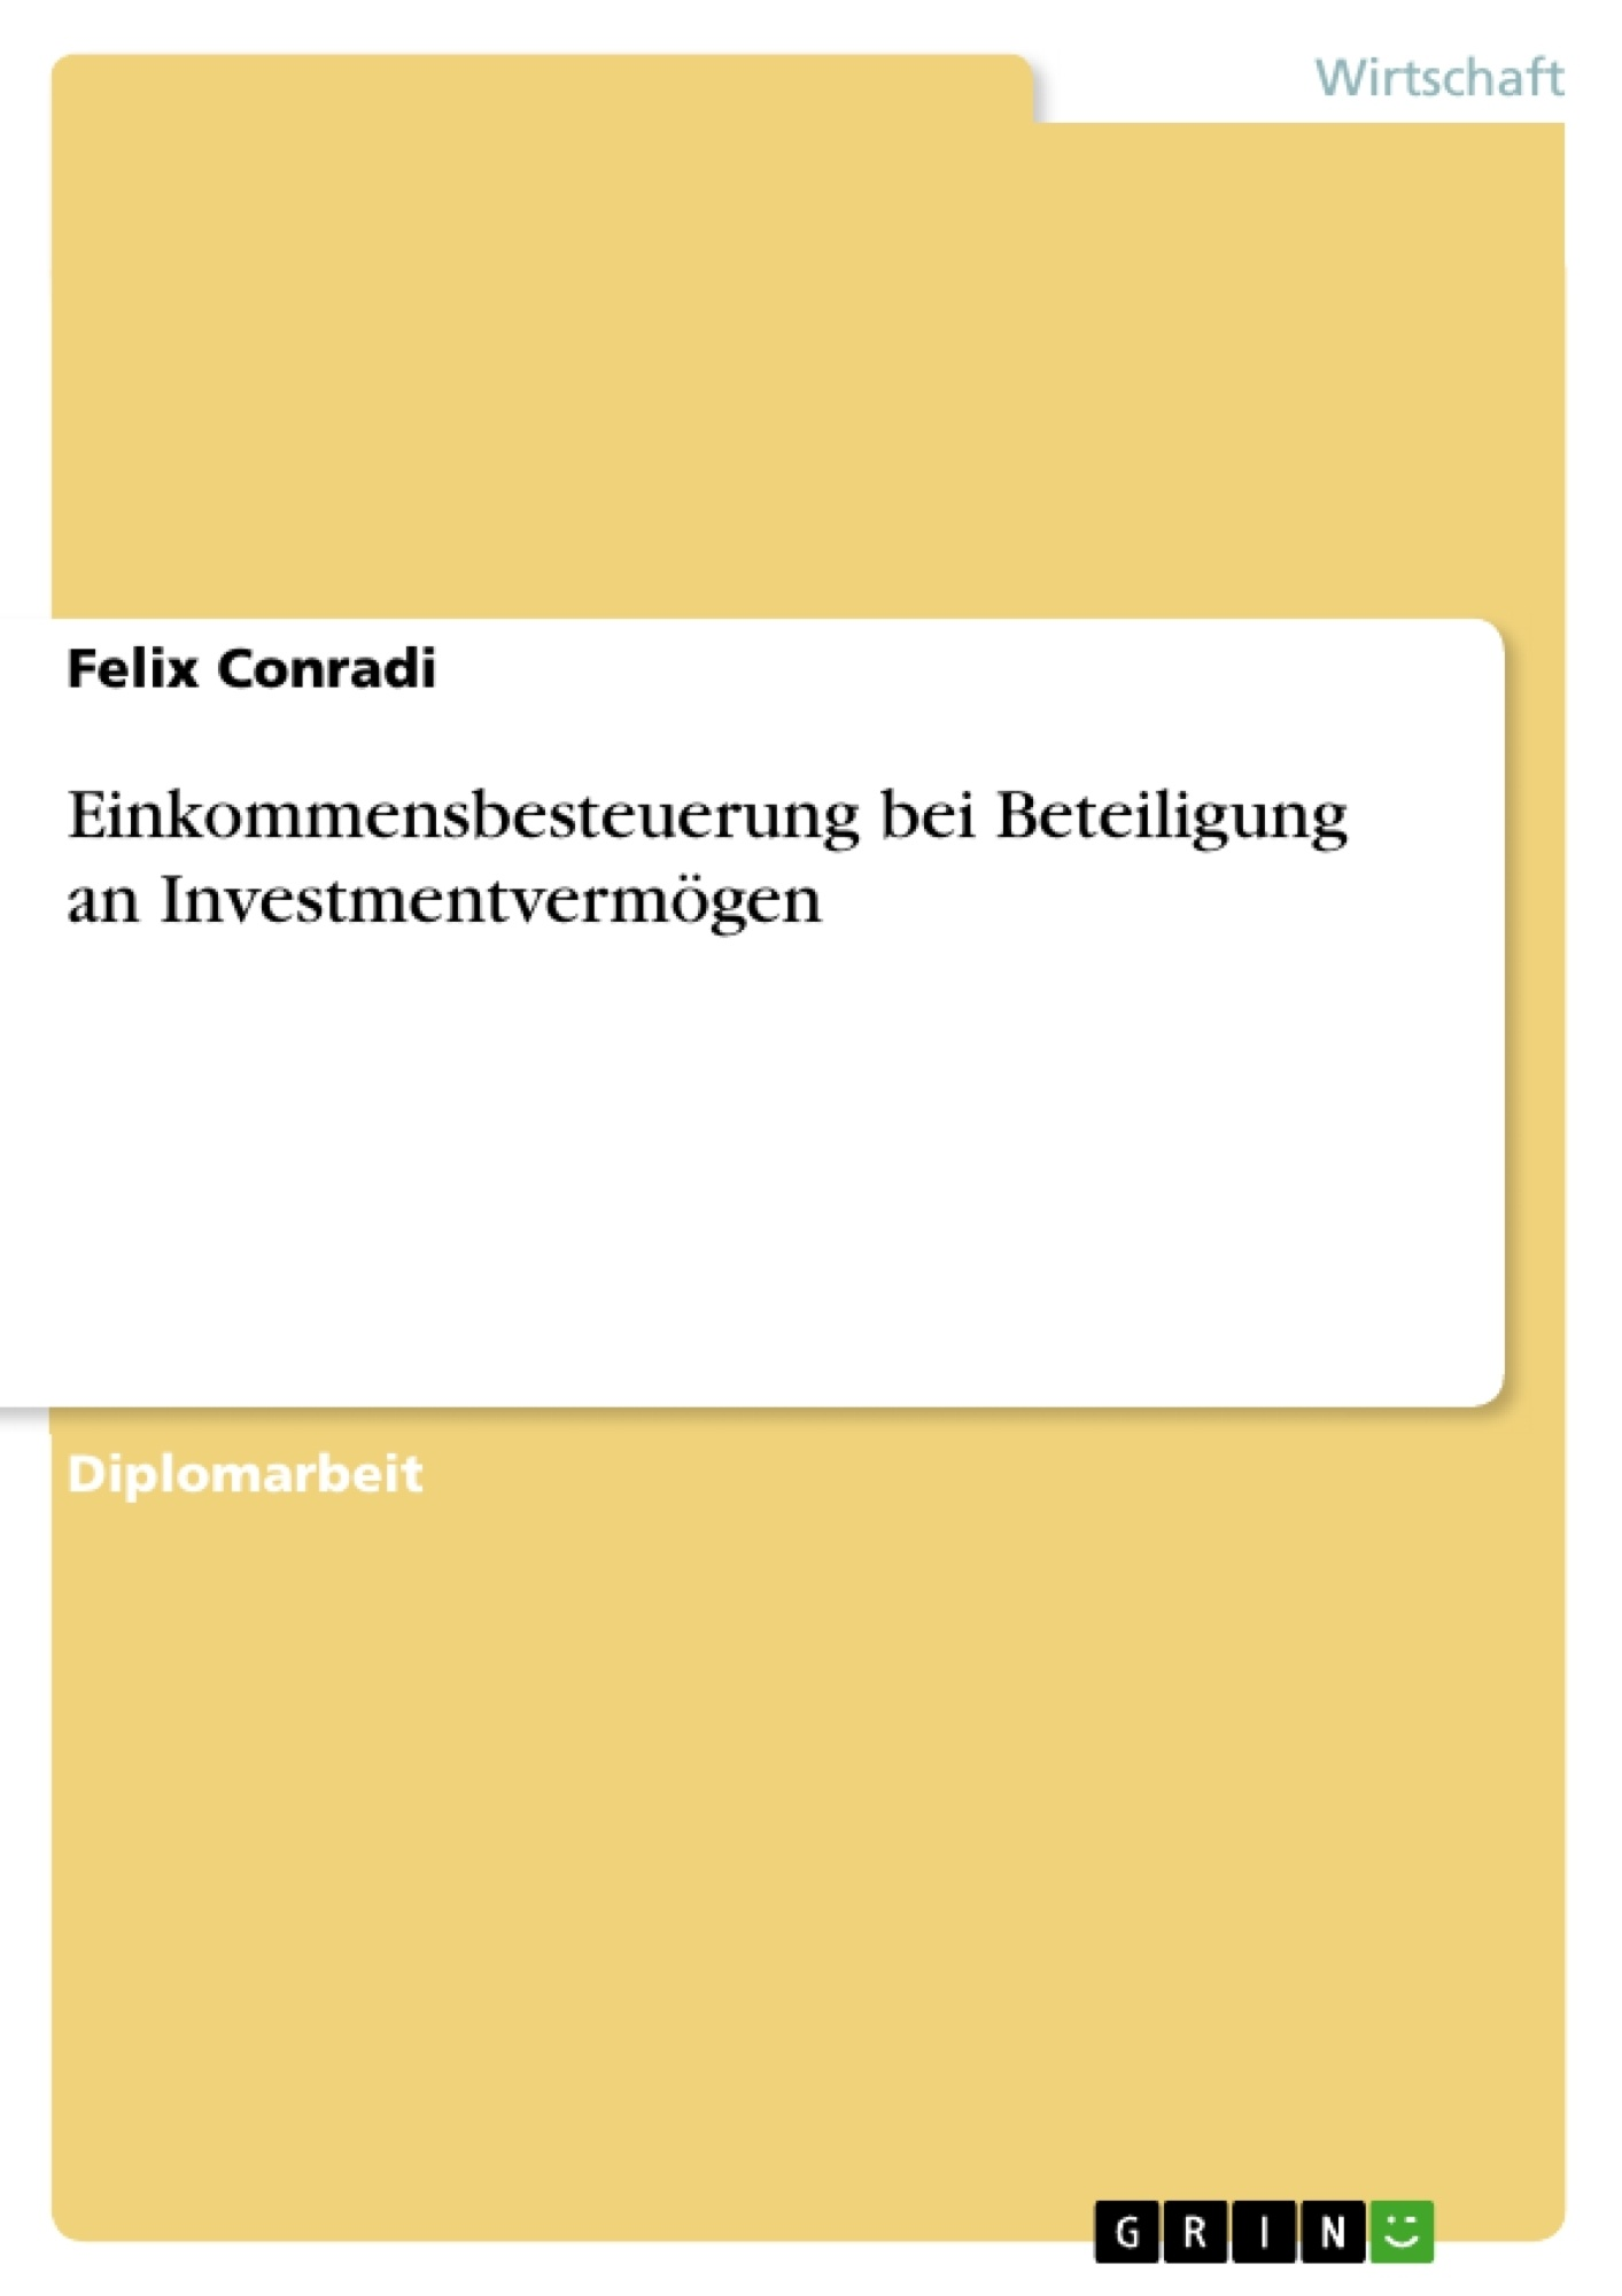 Titel: Einkommensbesteuerung bei Beteiligung an Investmentvermögen